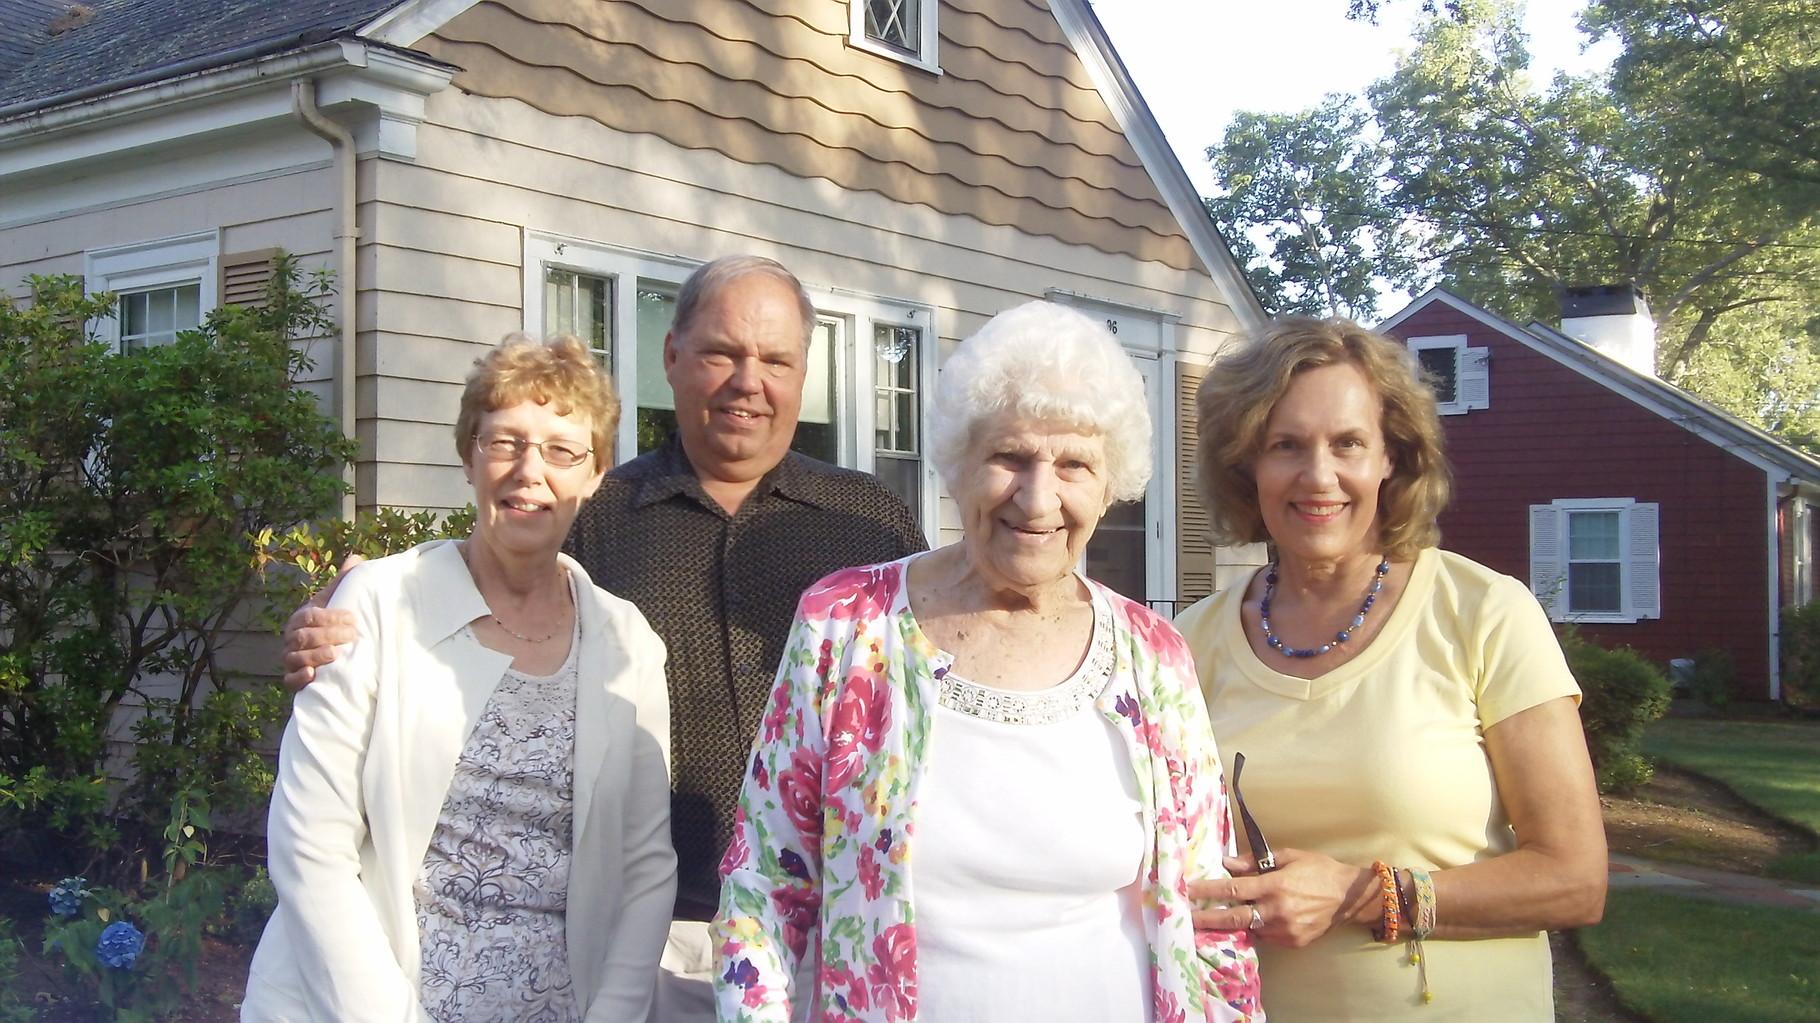 Karen, cousin Tom, Aunt Detta, & Lorraine Gudas, at Detta's home, August, 2015